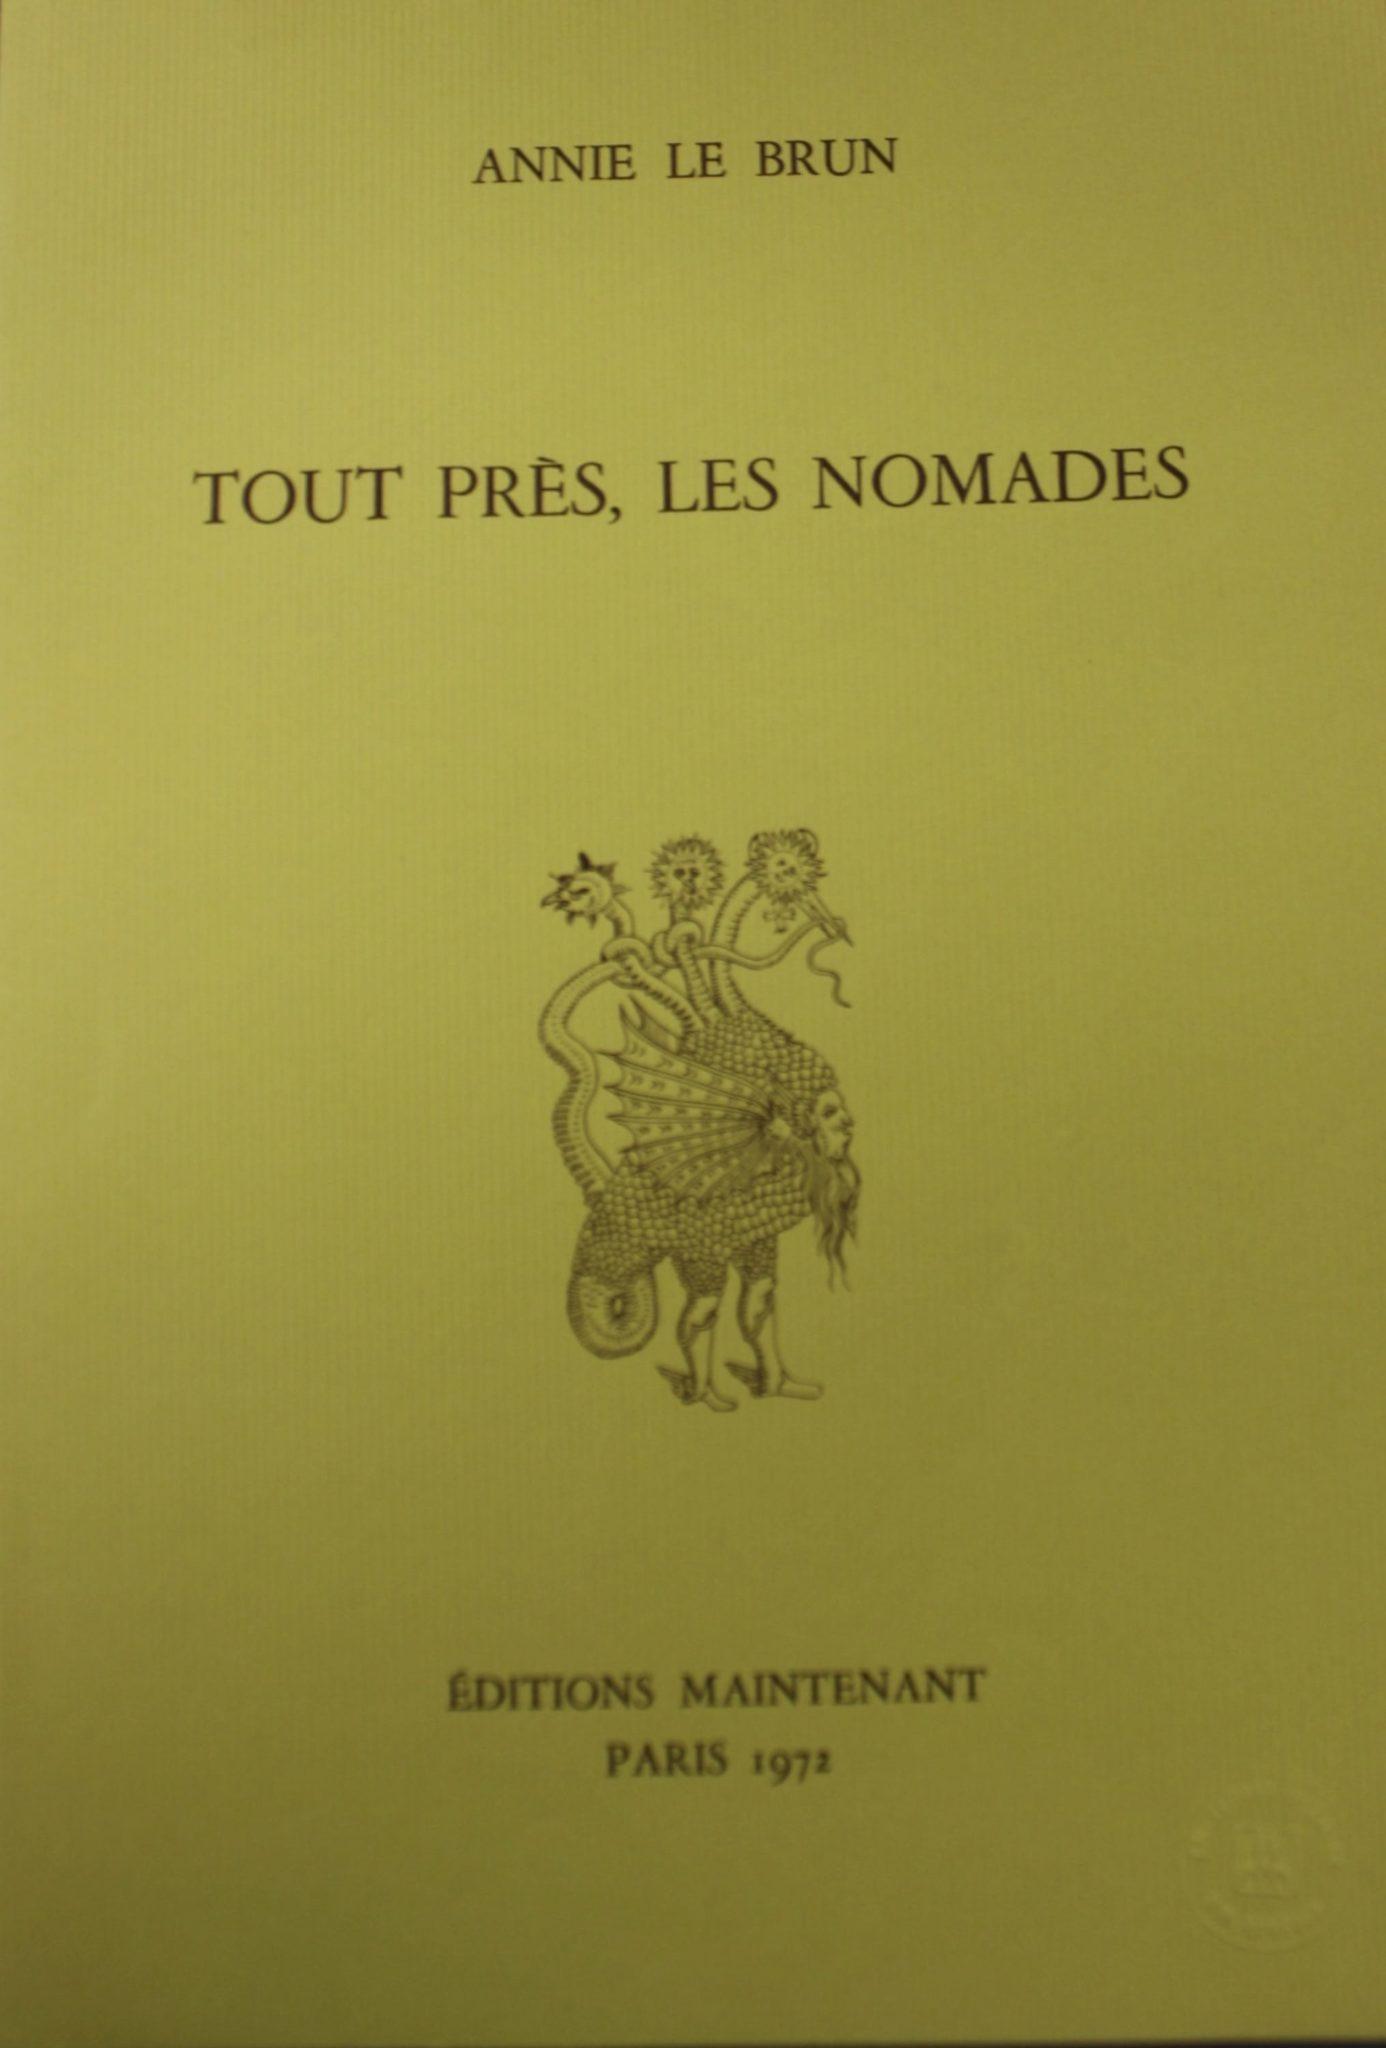 Annie Le Brun, <br /><em>Toutprès, lesnomades</em>, 1972